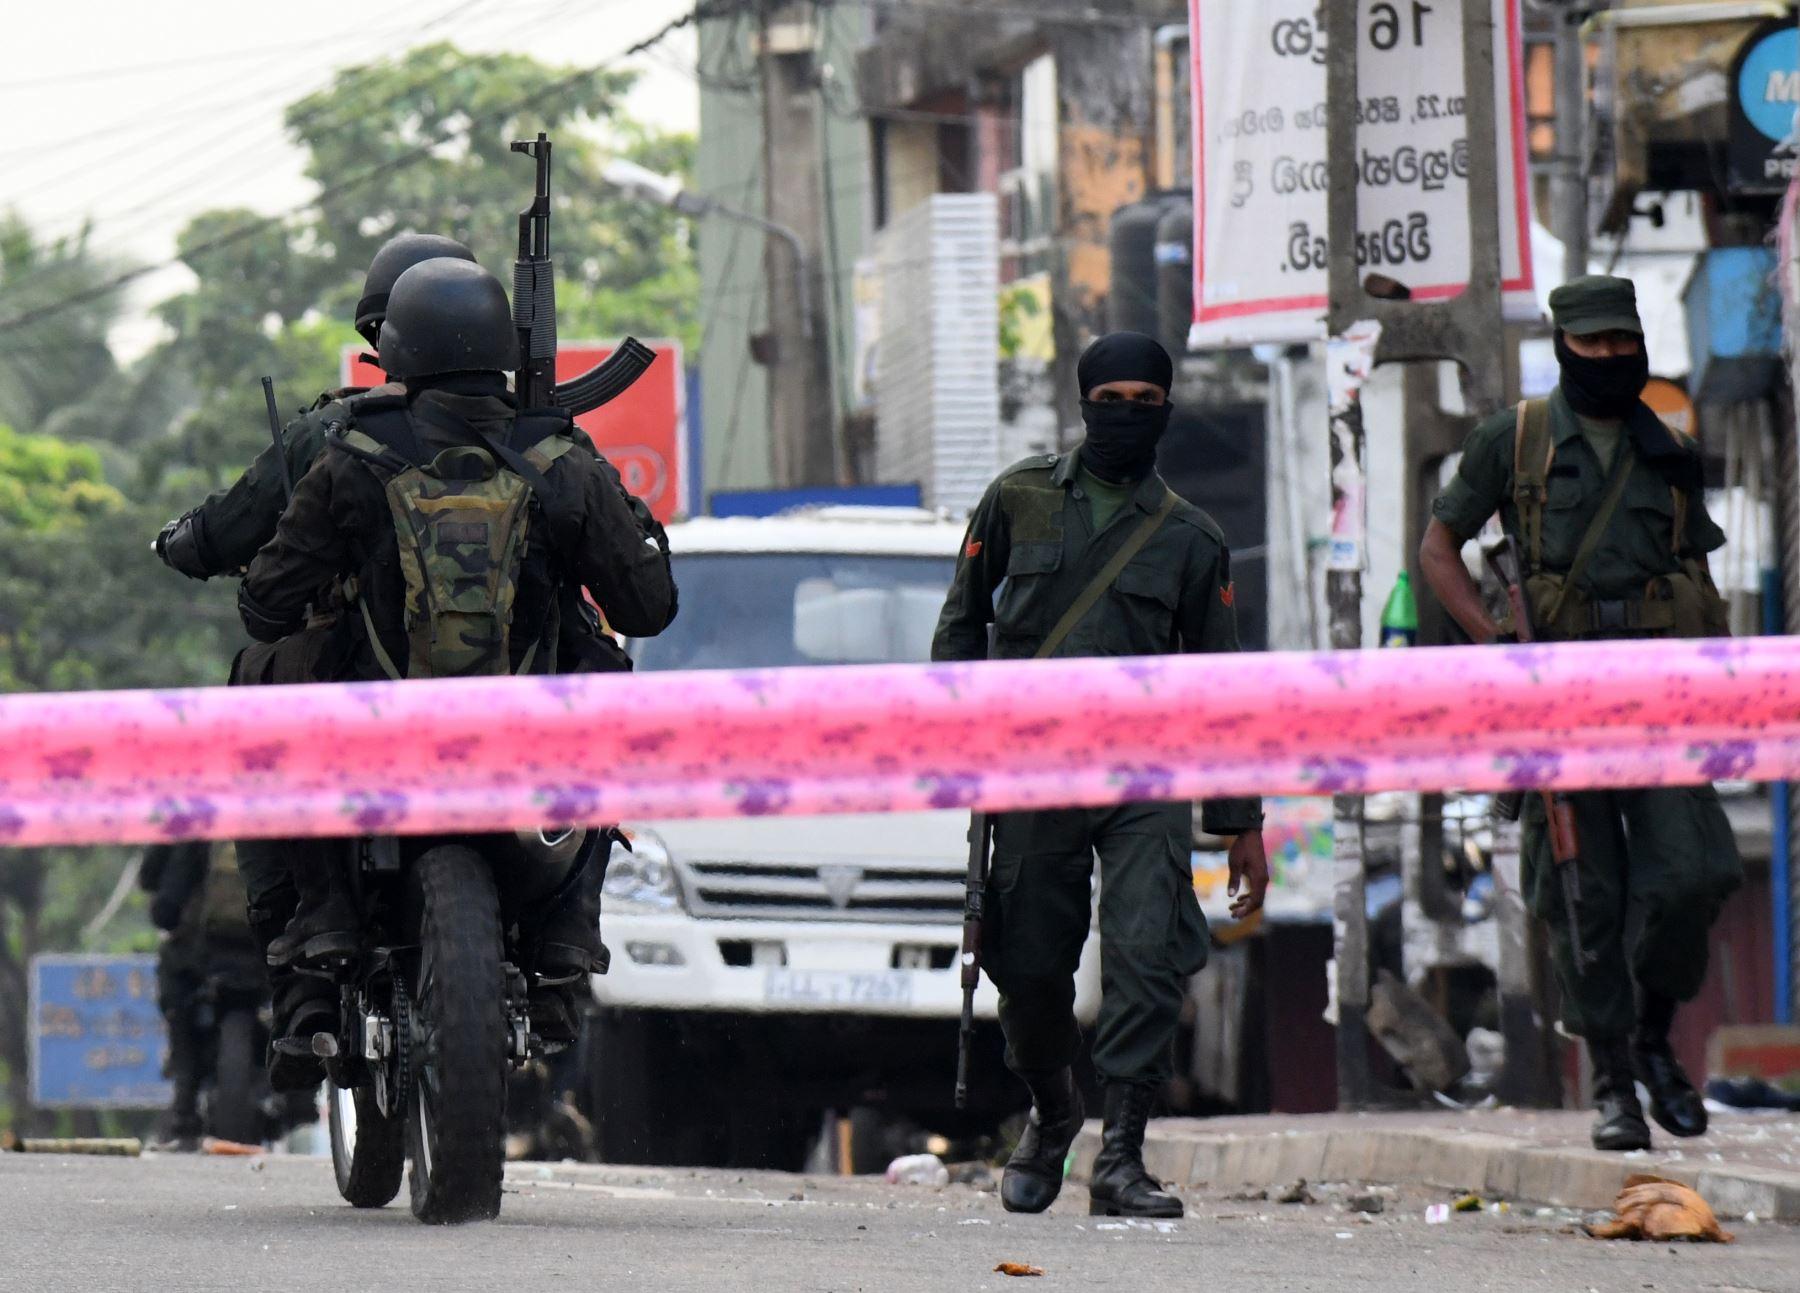 Soldados de Sri Lanka fuertemente armados montan una motocicleta frente a la Mezquita Jumha después de un atentado. Foto: AFP